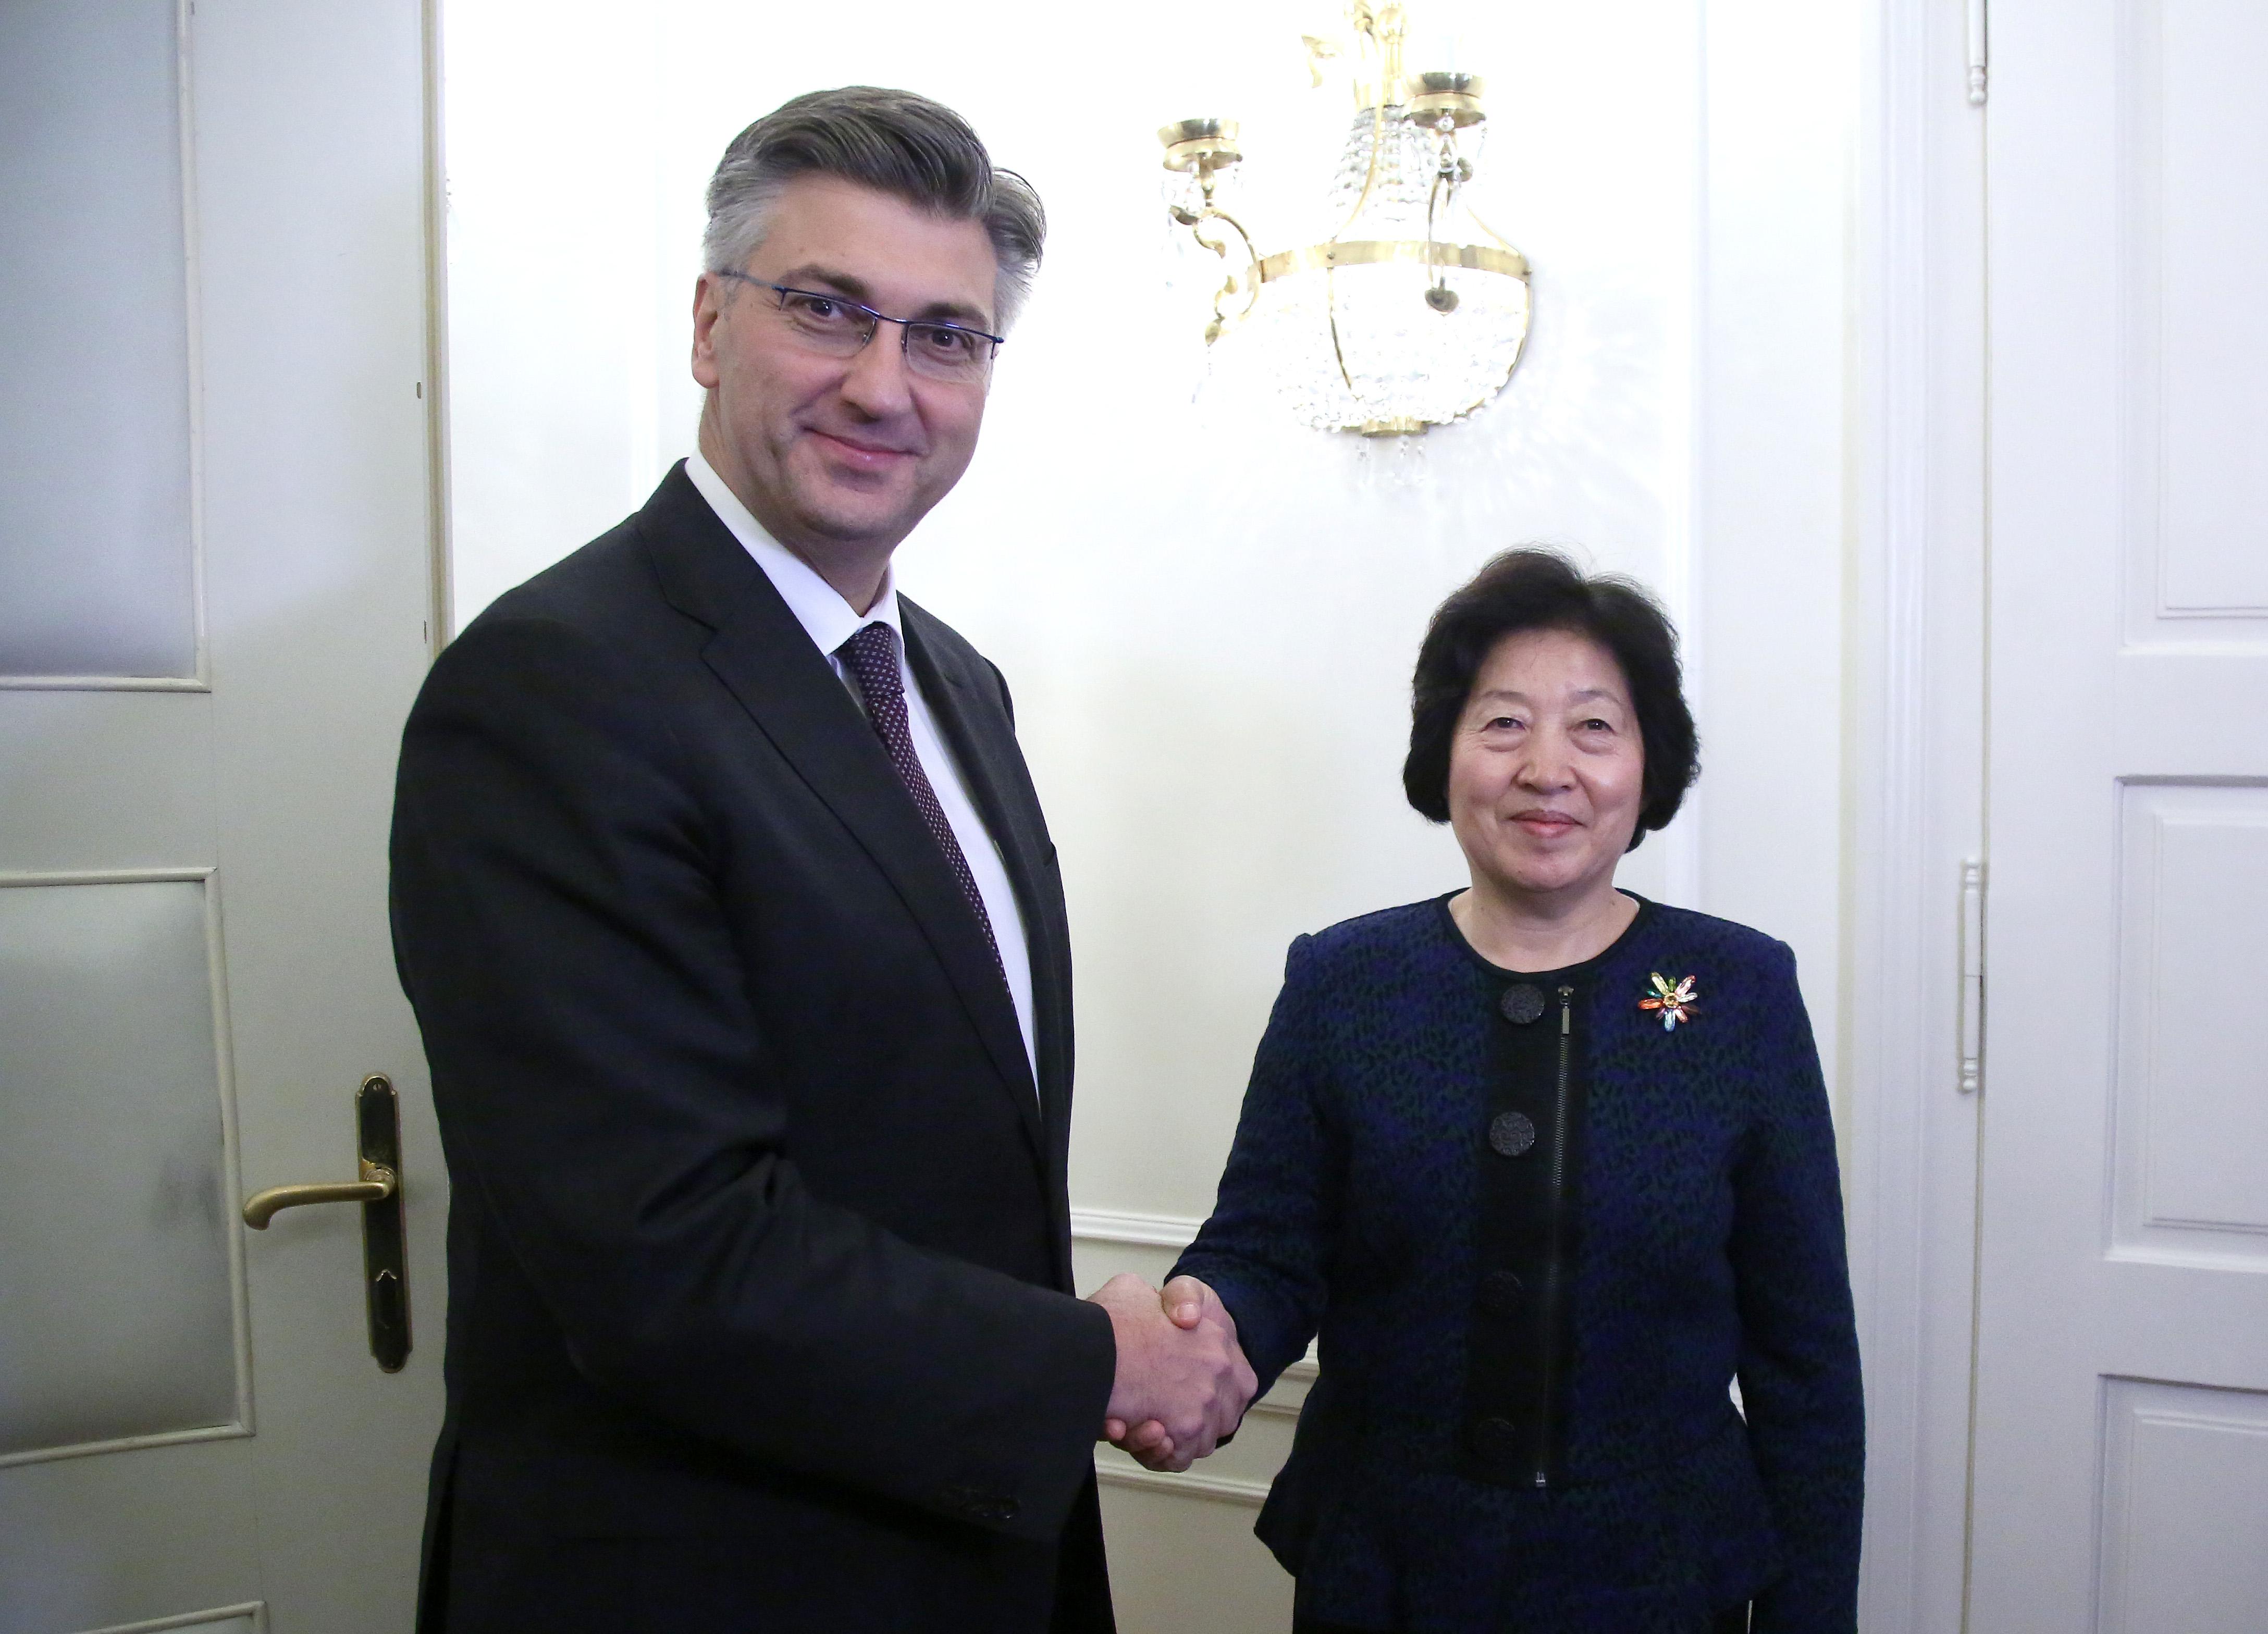 Plenković i Sun založili se za jačanje gospodarske suradnje između Hrvatske i Kine